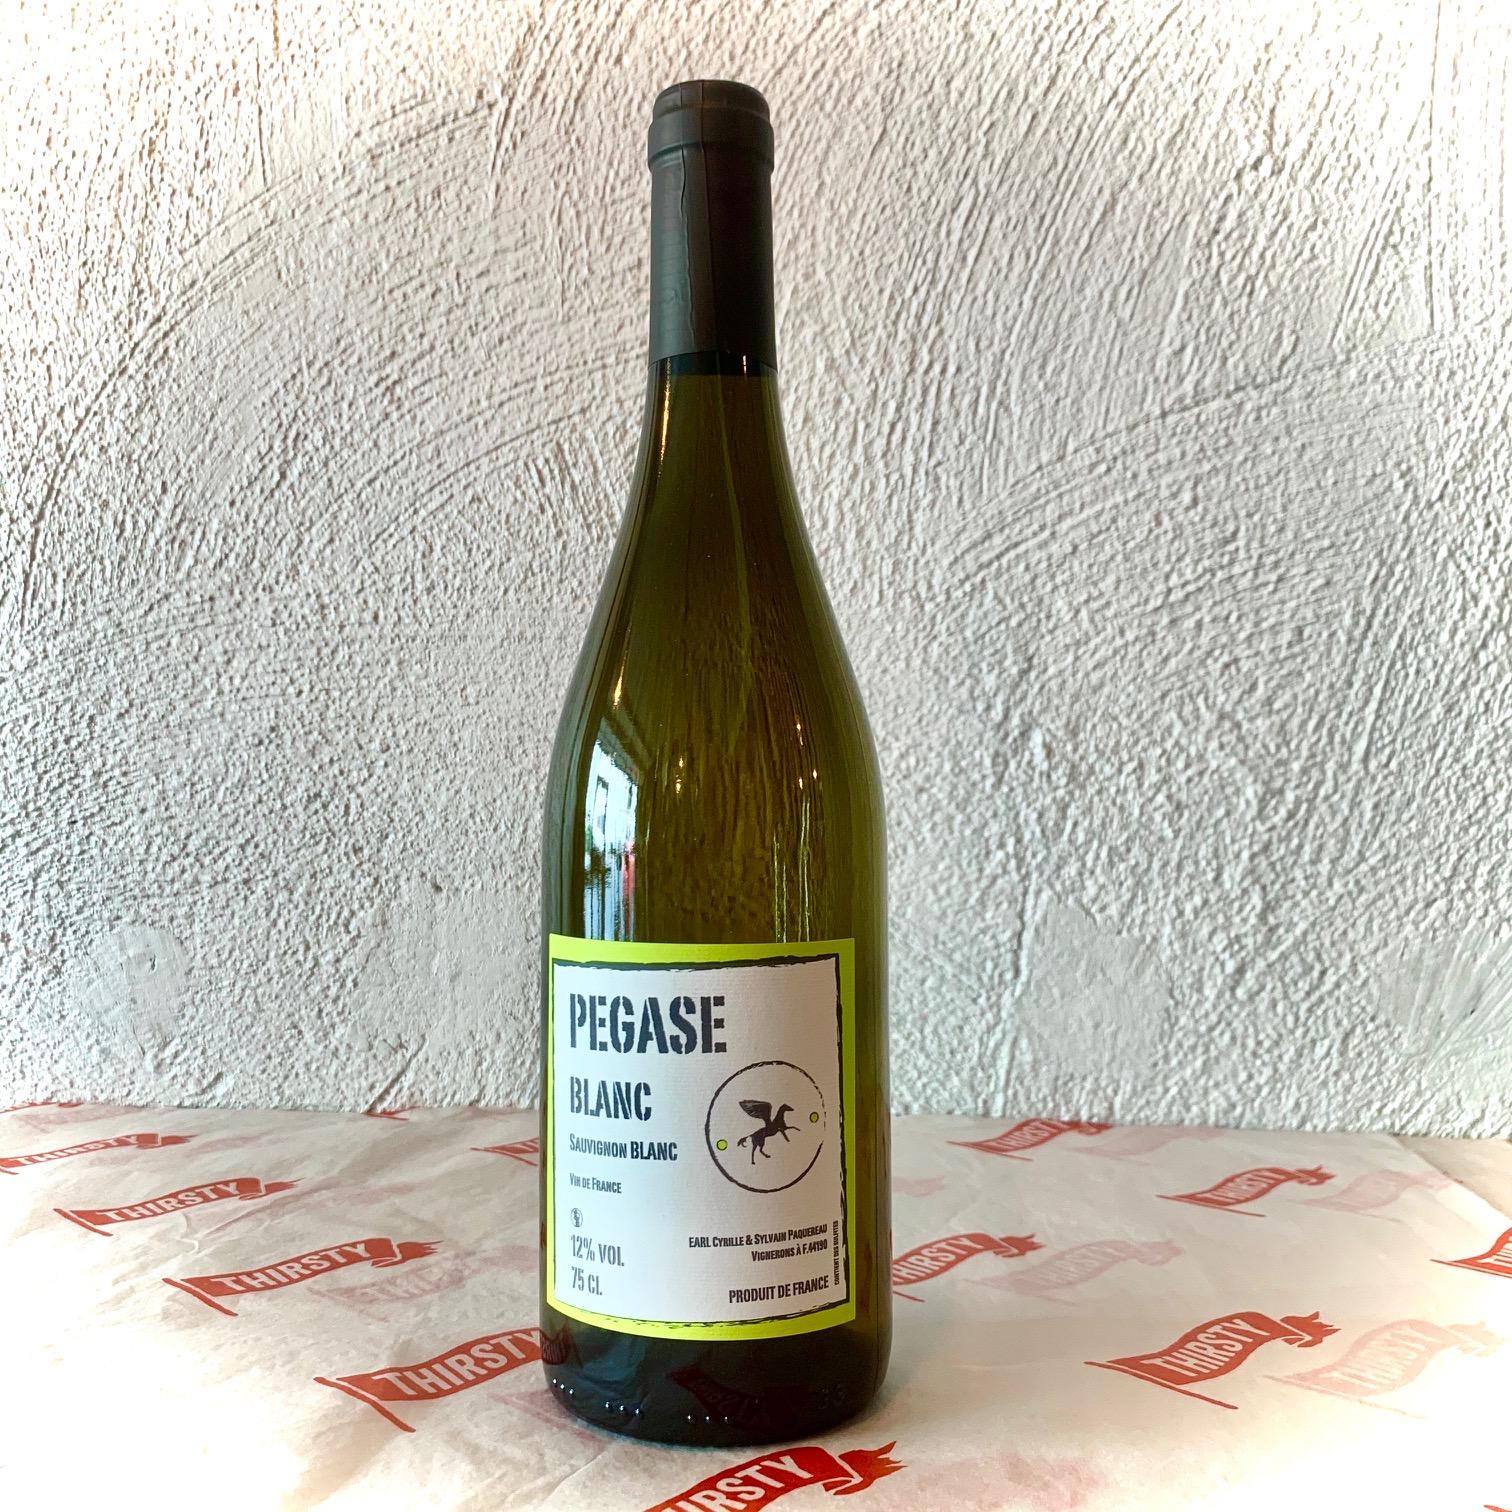 Pegase Blanc, Domaine De L'Epinay 2019